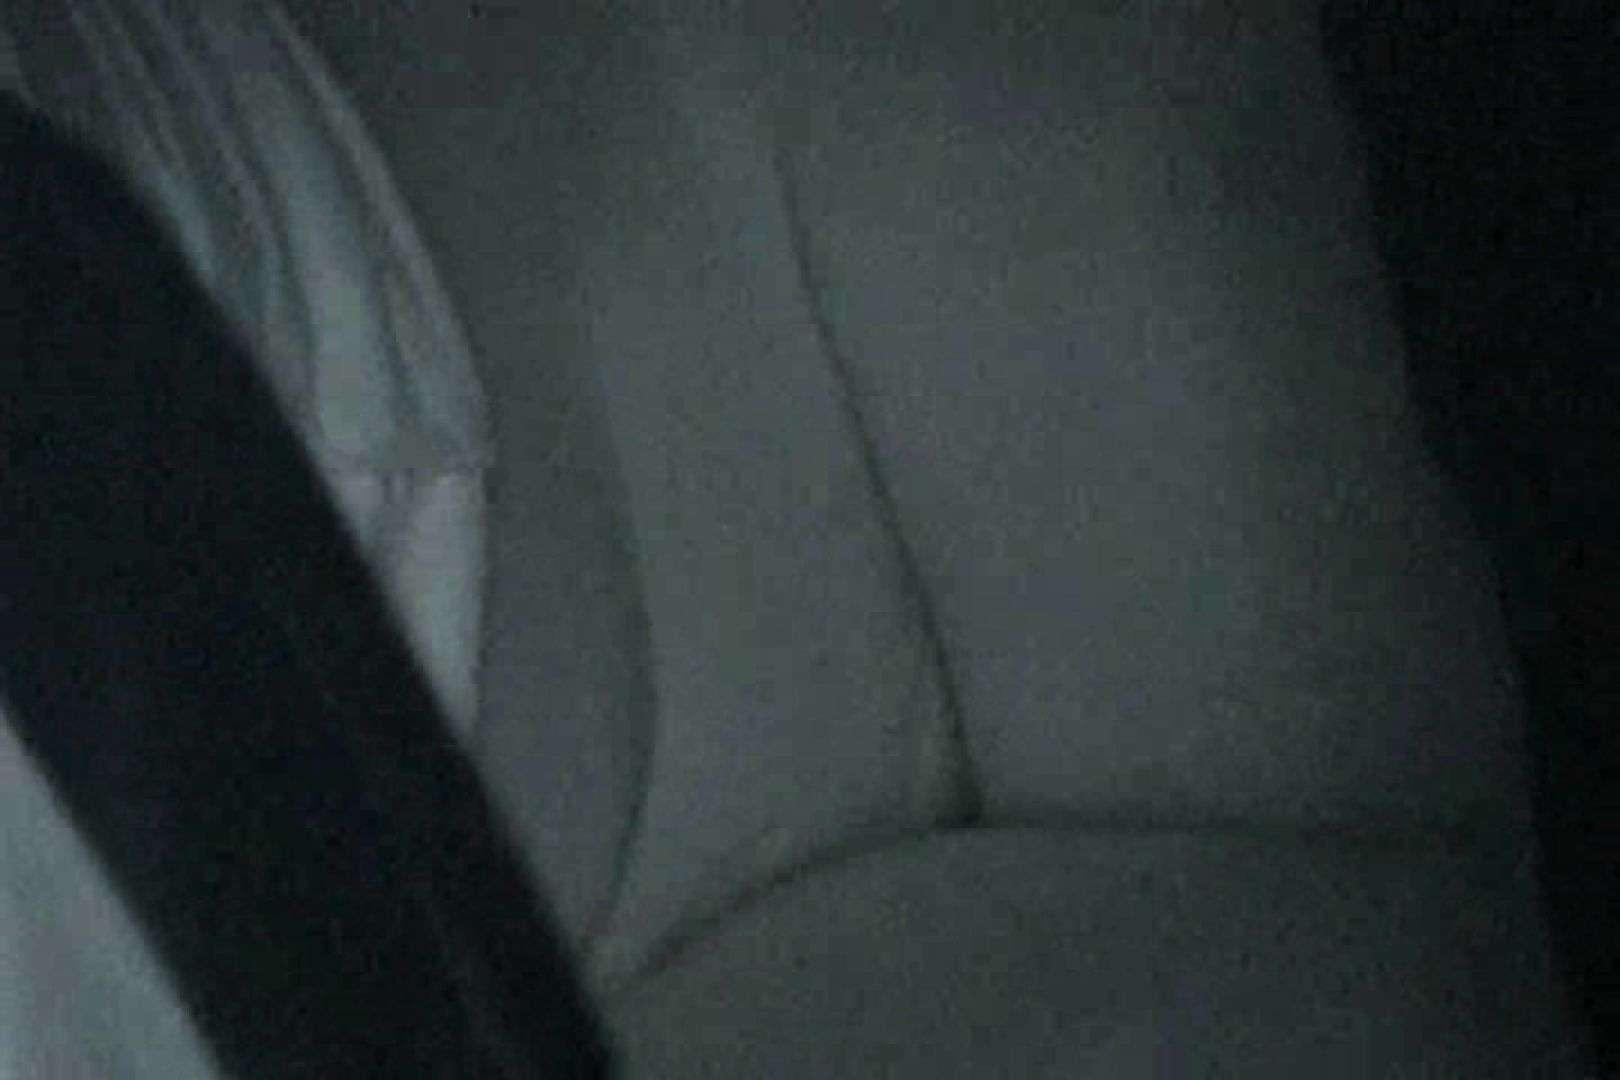 充血監督の深夜の運動会Vol.136 OLセックス 盗撮オマンコ無修正動画無料 100画像 98